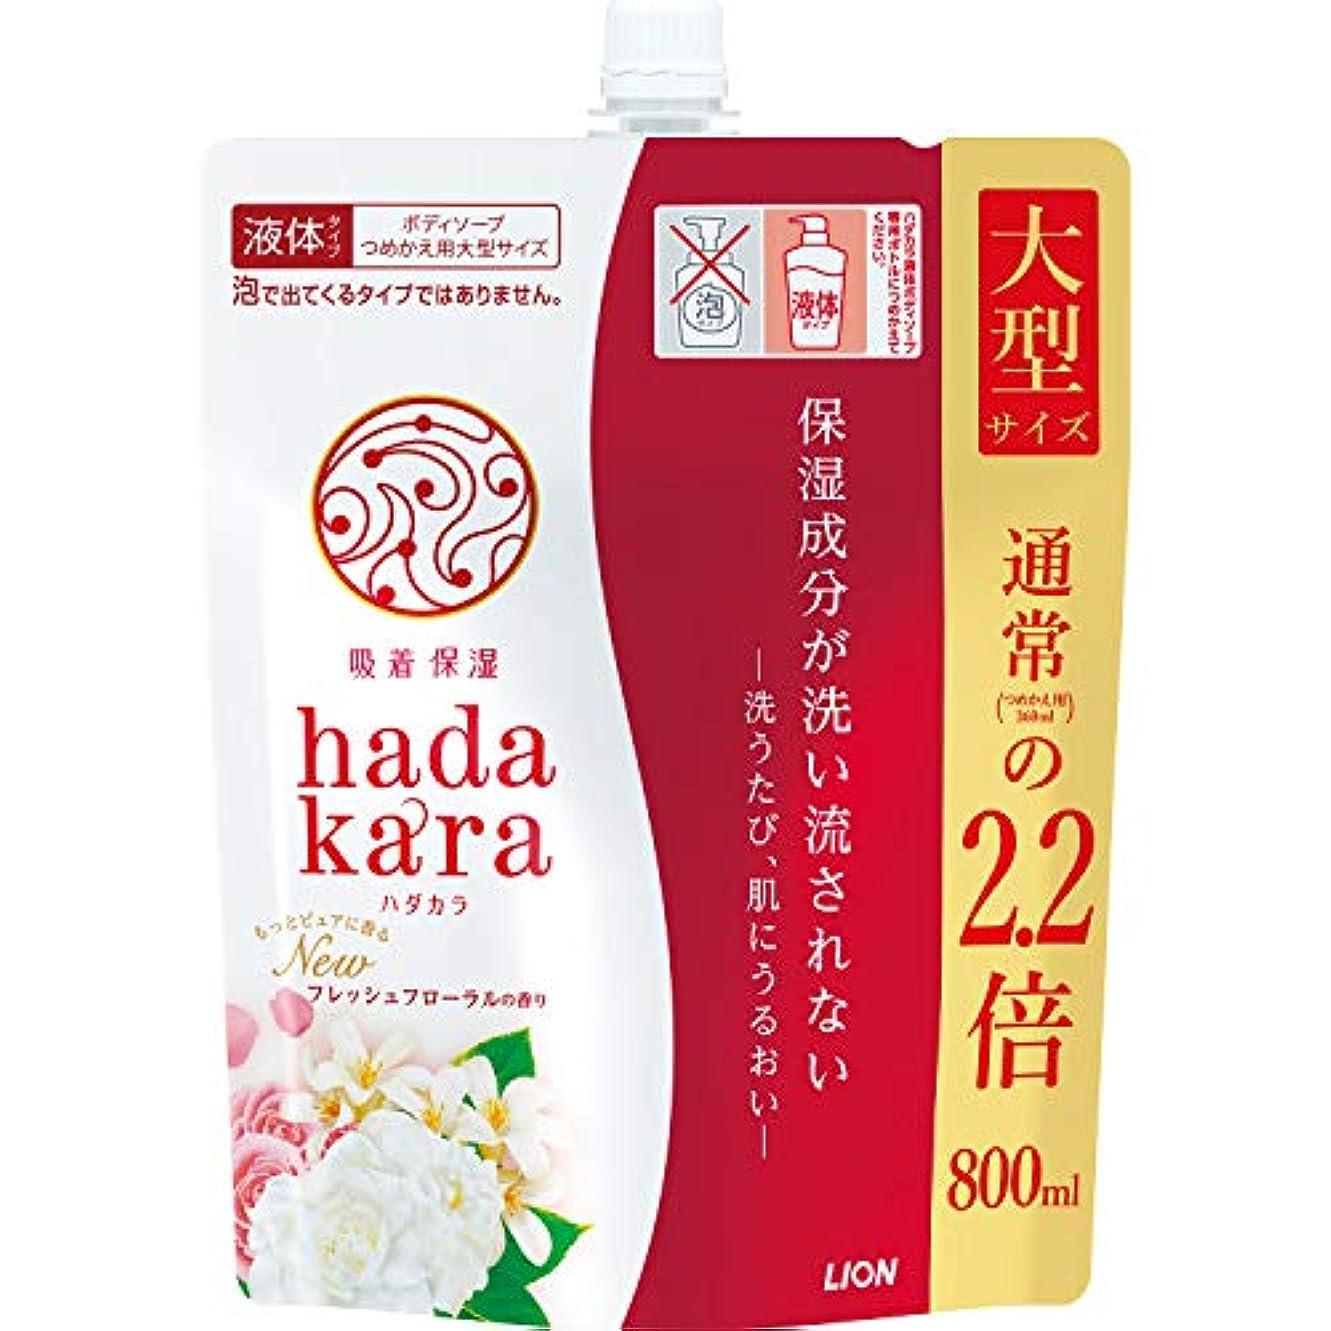 取り囲むブロック鷲hadakara(ハダカラ) ボディソープ フレッシュフローラルの香り つめかえ用大型サイズ 800ml